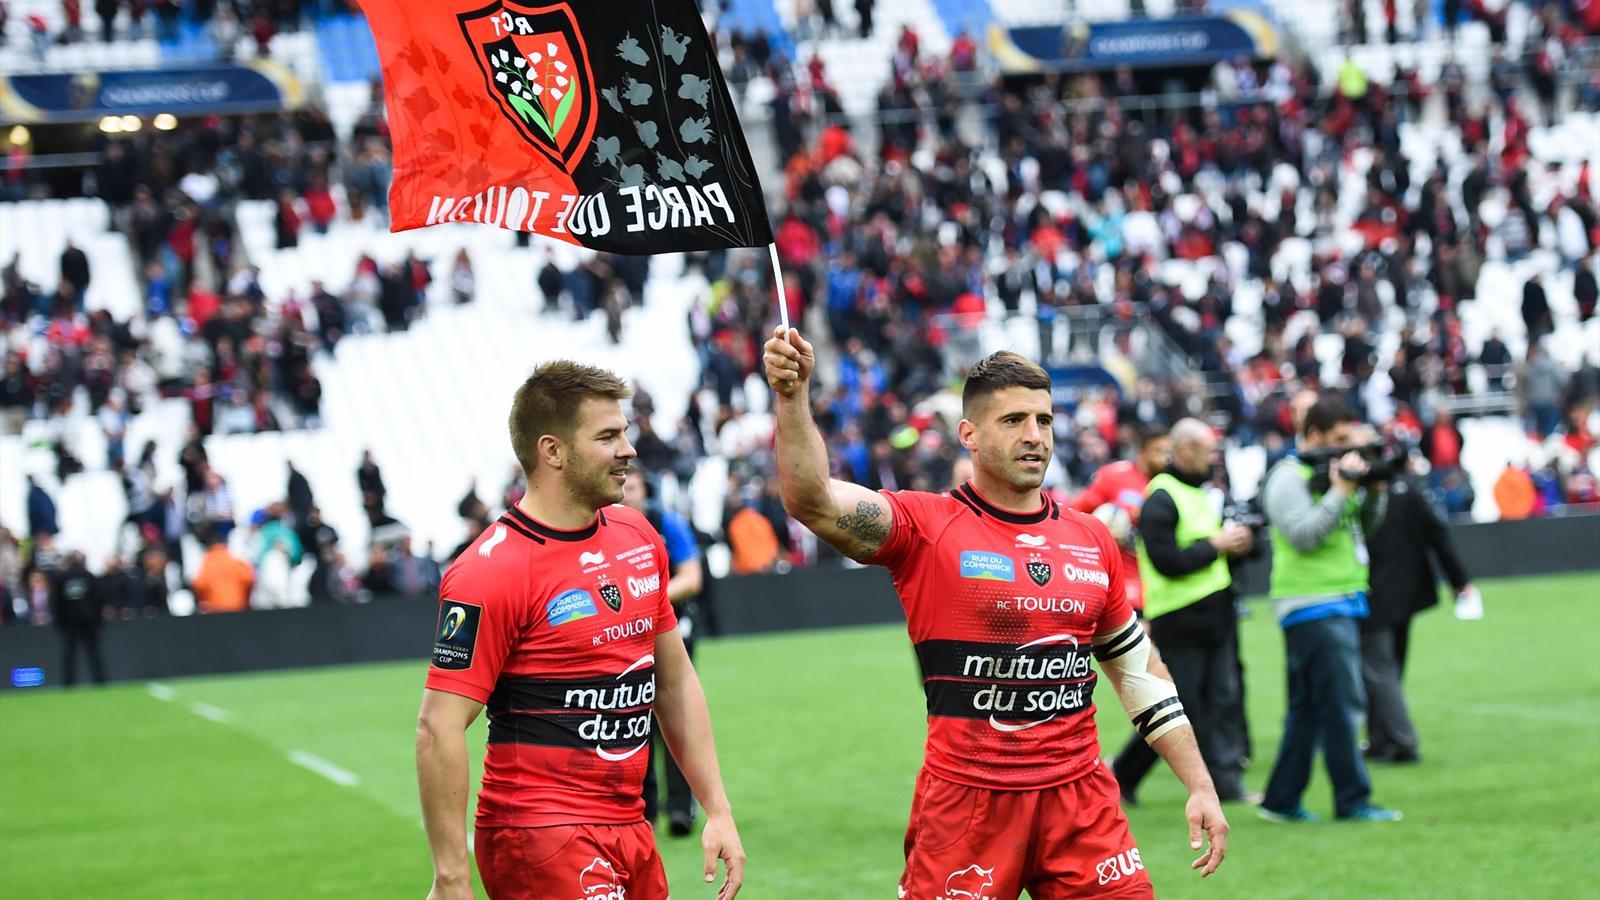 Drew Mitchell et Sébastien Tillous-Borde (Toulon) qualifiés pour la finale de Champions Cup - 19 avril 2015